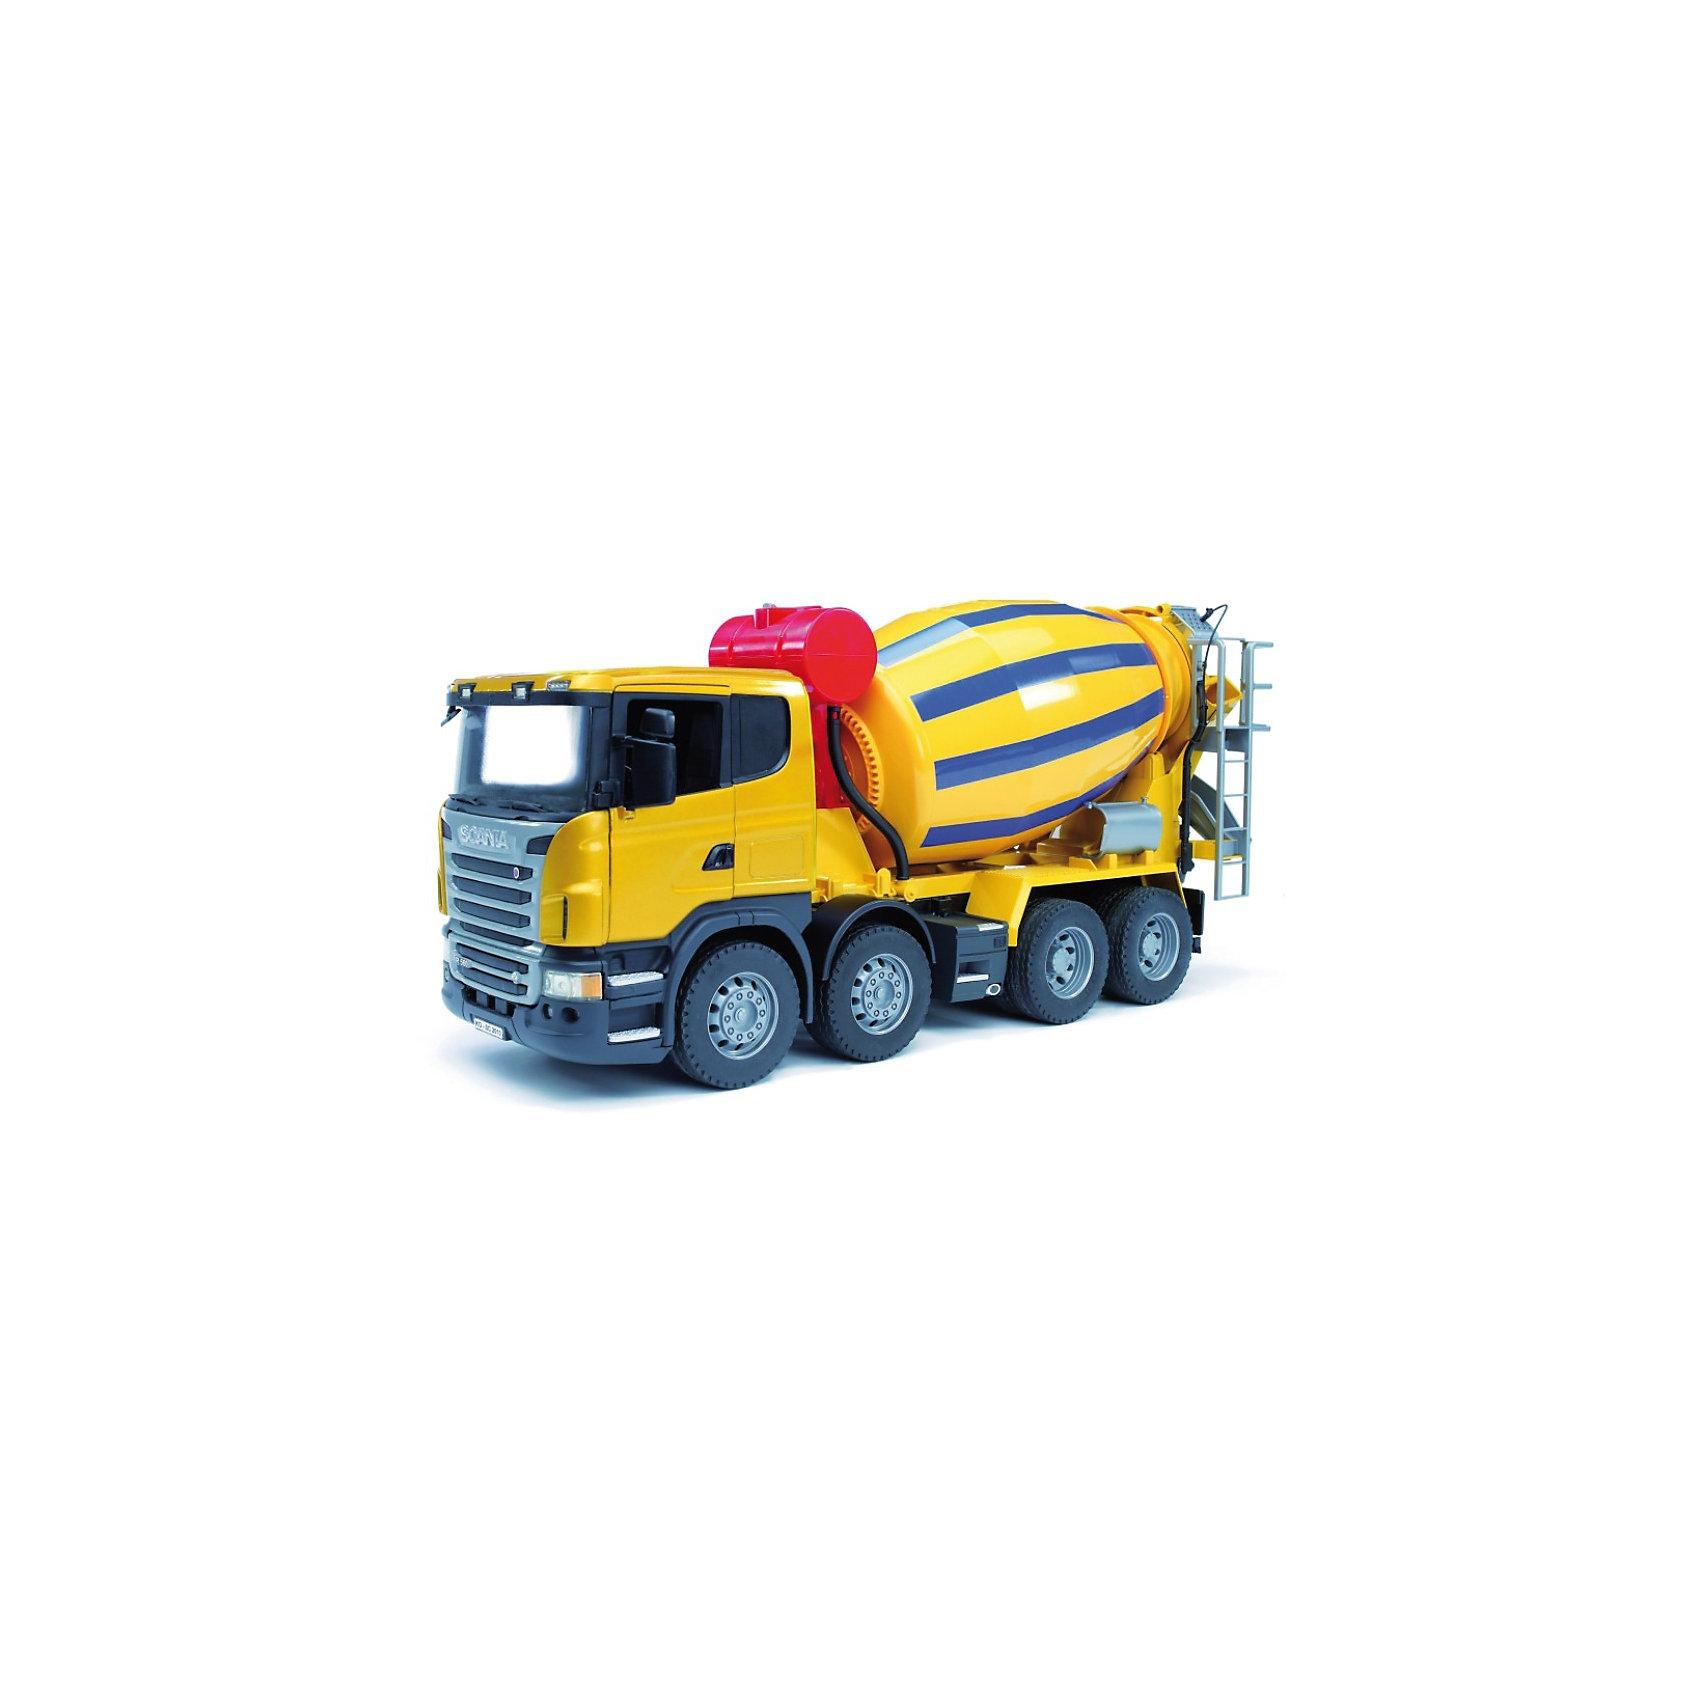 Бетономешалка Scania, BruderБетономешалка Scania (цвет жёлто-синий) Bruder со множеством функций как у настоящей строительной техники вызовет восторг как у малышей, так и у детей постарше. Автотехника Брудер отличается высоким качеством исполнения и проработкой всех деталей и представляет для ребенка большую познавательную ценность.<br><br>Кабина водителя, застекленная прозрачным пластиком оборудована вращающимся рулем (на управление не влияет), складными зеркалами и декоративными рычагами управления, двери открываются. Кабина бетономешалки откидывается, предоставляя  доступа к мощному двигателю.<br><br>Барабан бетономешалки вращается при помощи рукоятки, в него можно засыпать и смешивать сыпучие вещества, полученная смесь высыпается по желобу для раствора сзади машины. Желоб удлиняется до пола и поворачивается на 180°. За кабиной водителя размещен декоративный бак для воды с крышкой (наполнение водой не предусмотрено). Задняя часть машины оборудована лесенкой с площадкой и декоративным шлангом с насадкой.<br> <br>Колёса бетономешалки резиновые с протекторами.<br><br>Дополнительная информация:<br><br>- Материал: высококачественный пластик, резина. <br>- Размер игрушки:  57,5 x 18,5 x 27,3 см. <br>- Размер упаковки: 58 х 19,5 х 28,5 см.<br>- Вес: 2,4 кг.<br><br>Игровая техника Брудер развивает у ребенка логическое мышление и воображение, мелкую моторику, зрительное восприятие и память.<br><br>Бетономешалка Scania Bruder можно купить в нашем интернет-магазине.<br><br>Ширина мм: 657<br>Глубина мм: 291<br>Высота мм: 199<br>Вес г: 2758<br>Возраст от месяцев: 36<br>Возраст до месяцев: 96<br>Пол: Мужской<br>Возраст: Детский<br>SKU: 1999715